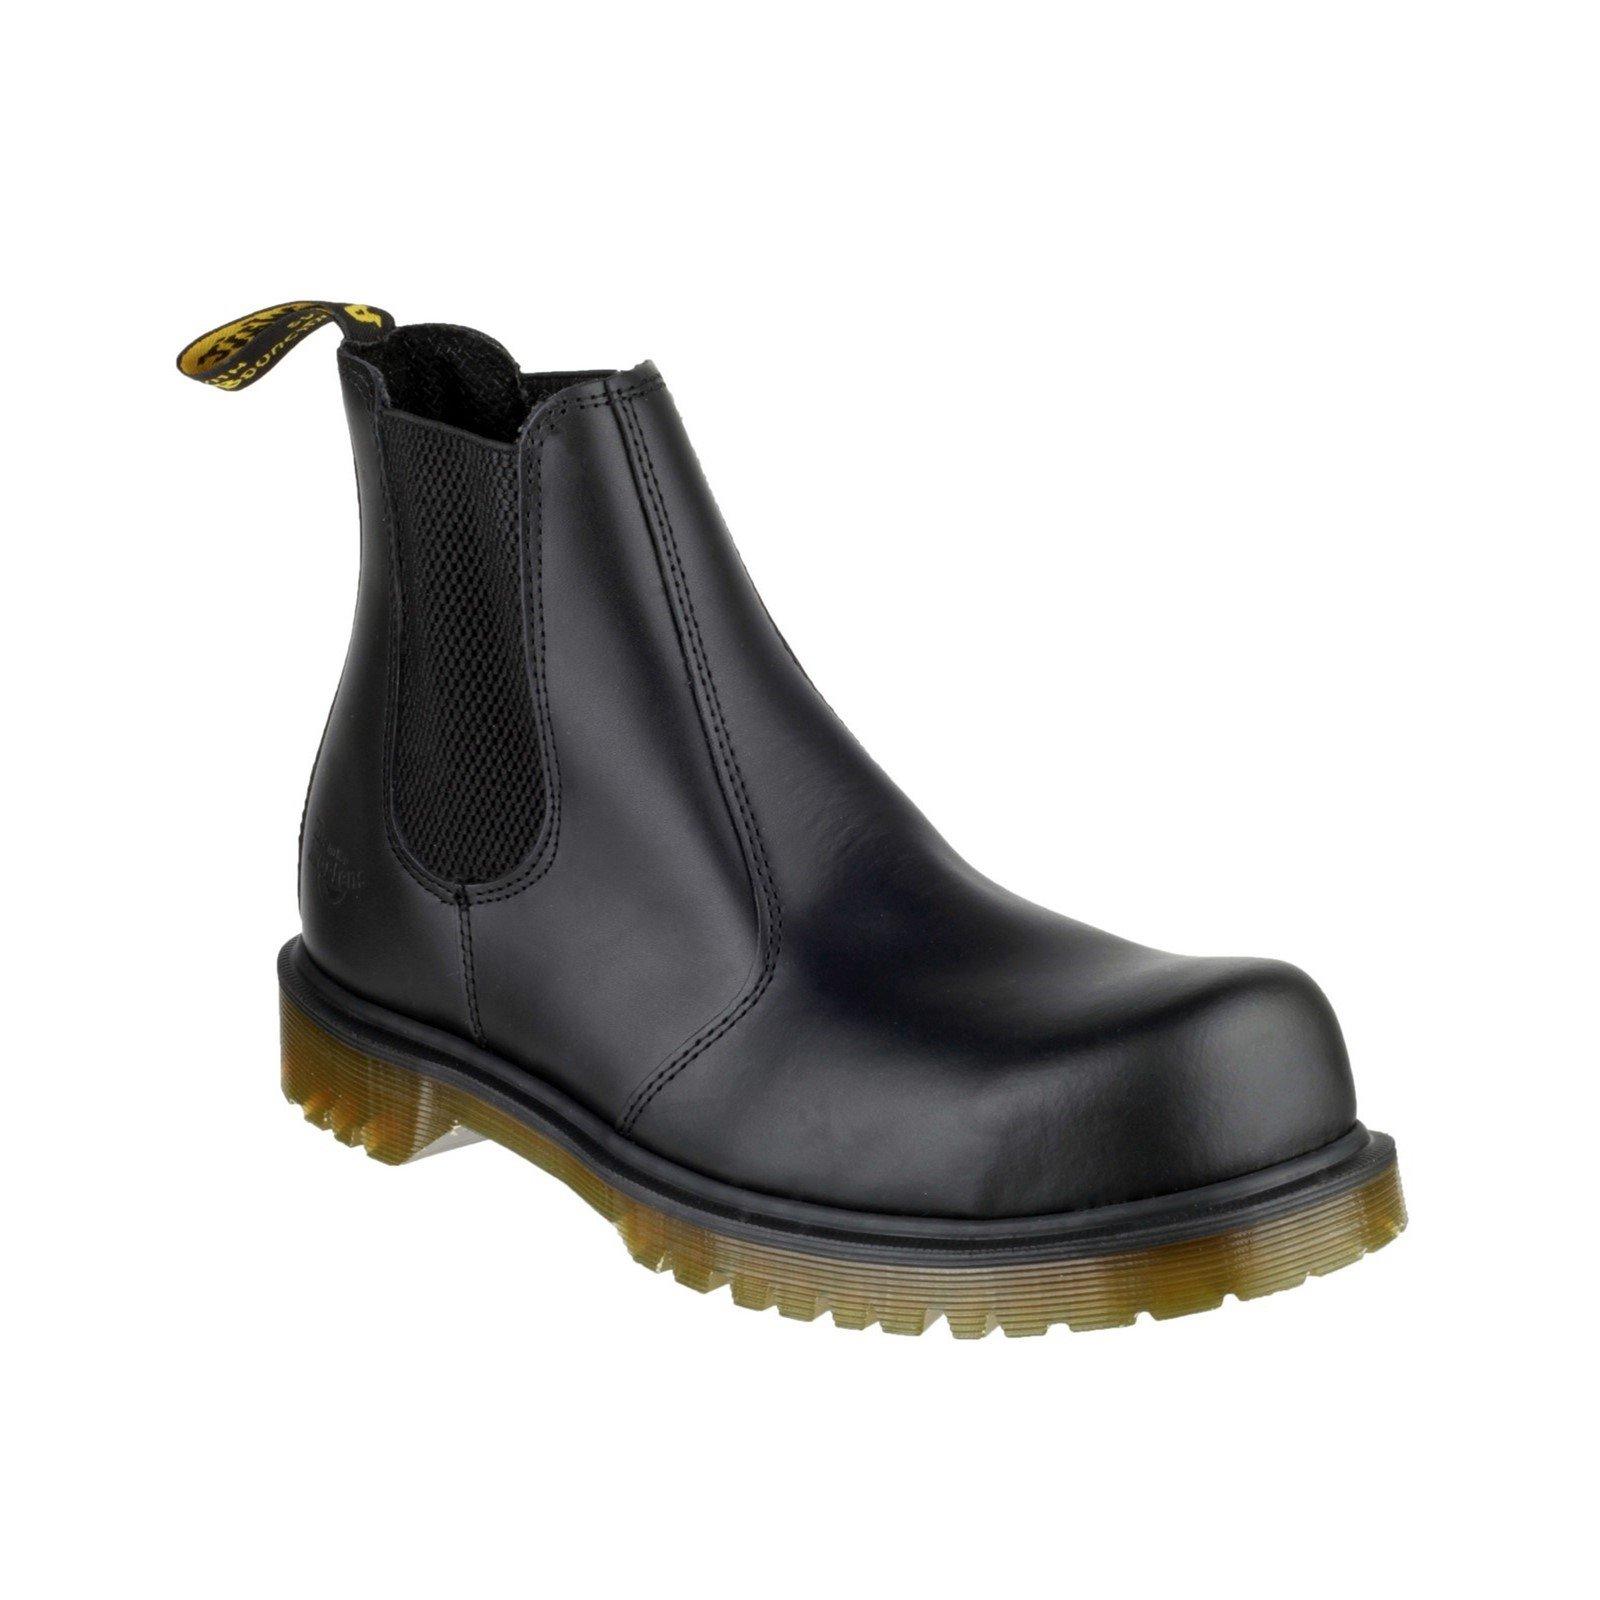 Dr Martens Unisex Dealer Boot Black 00496 - Black 8